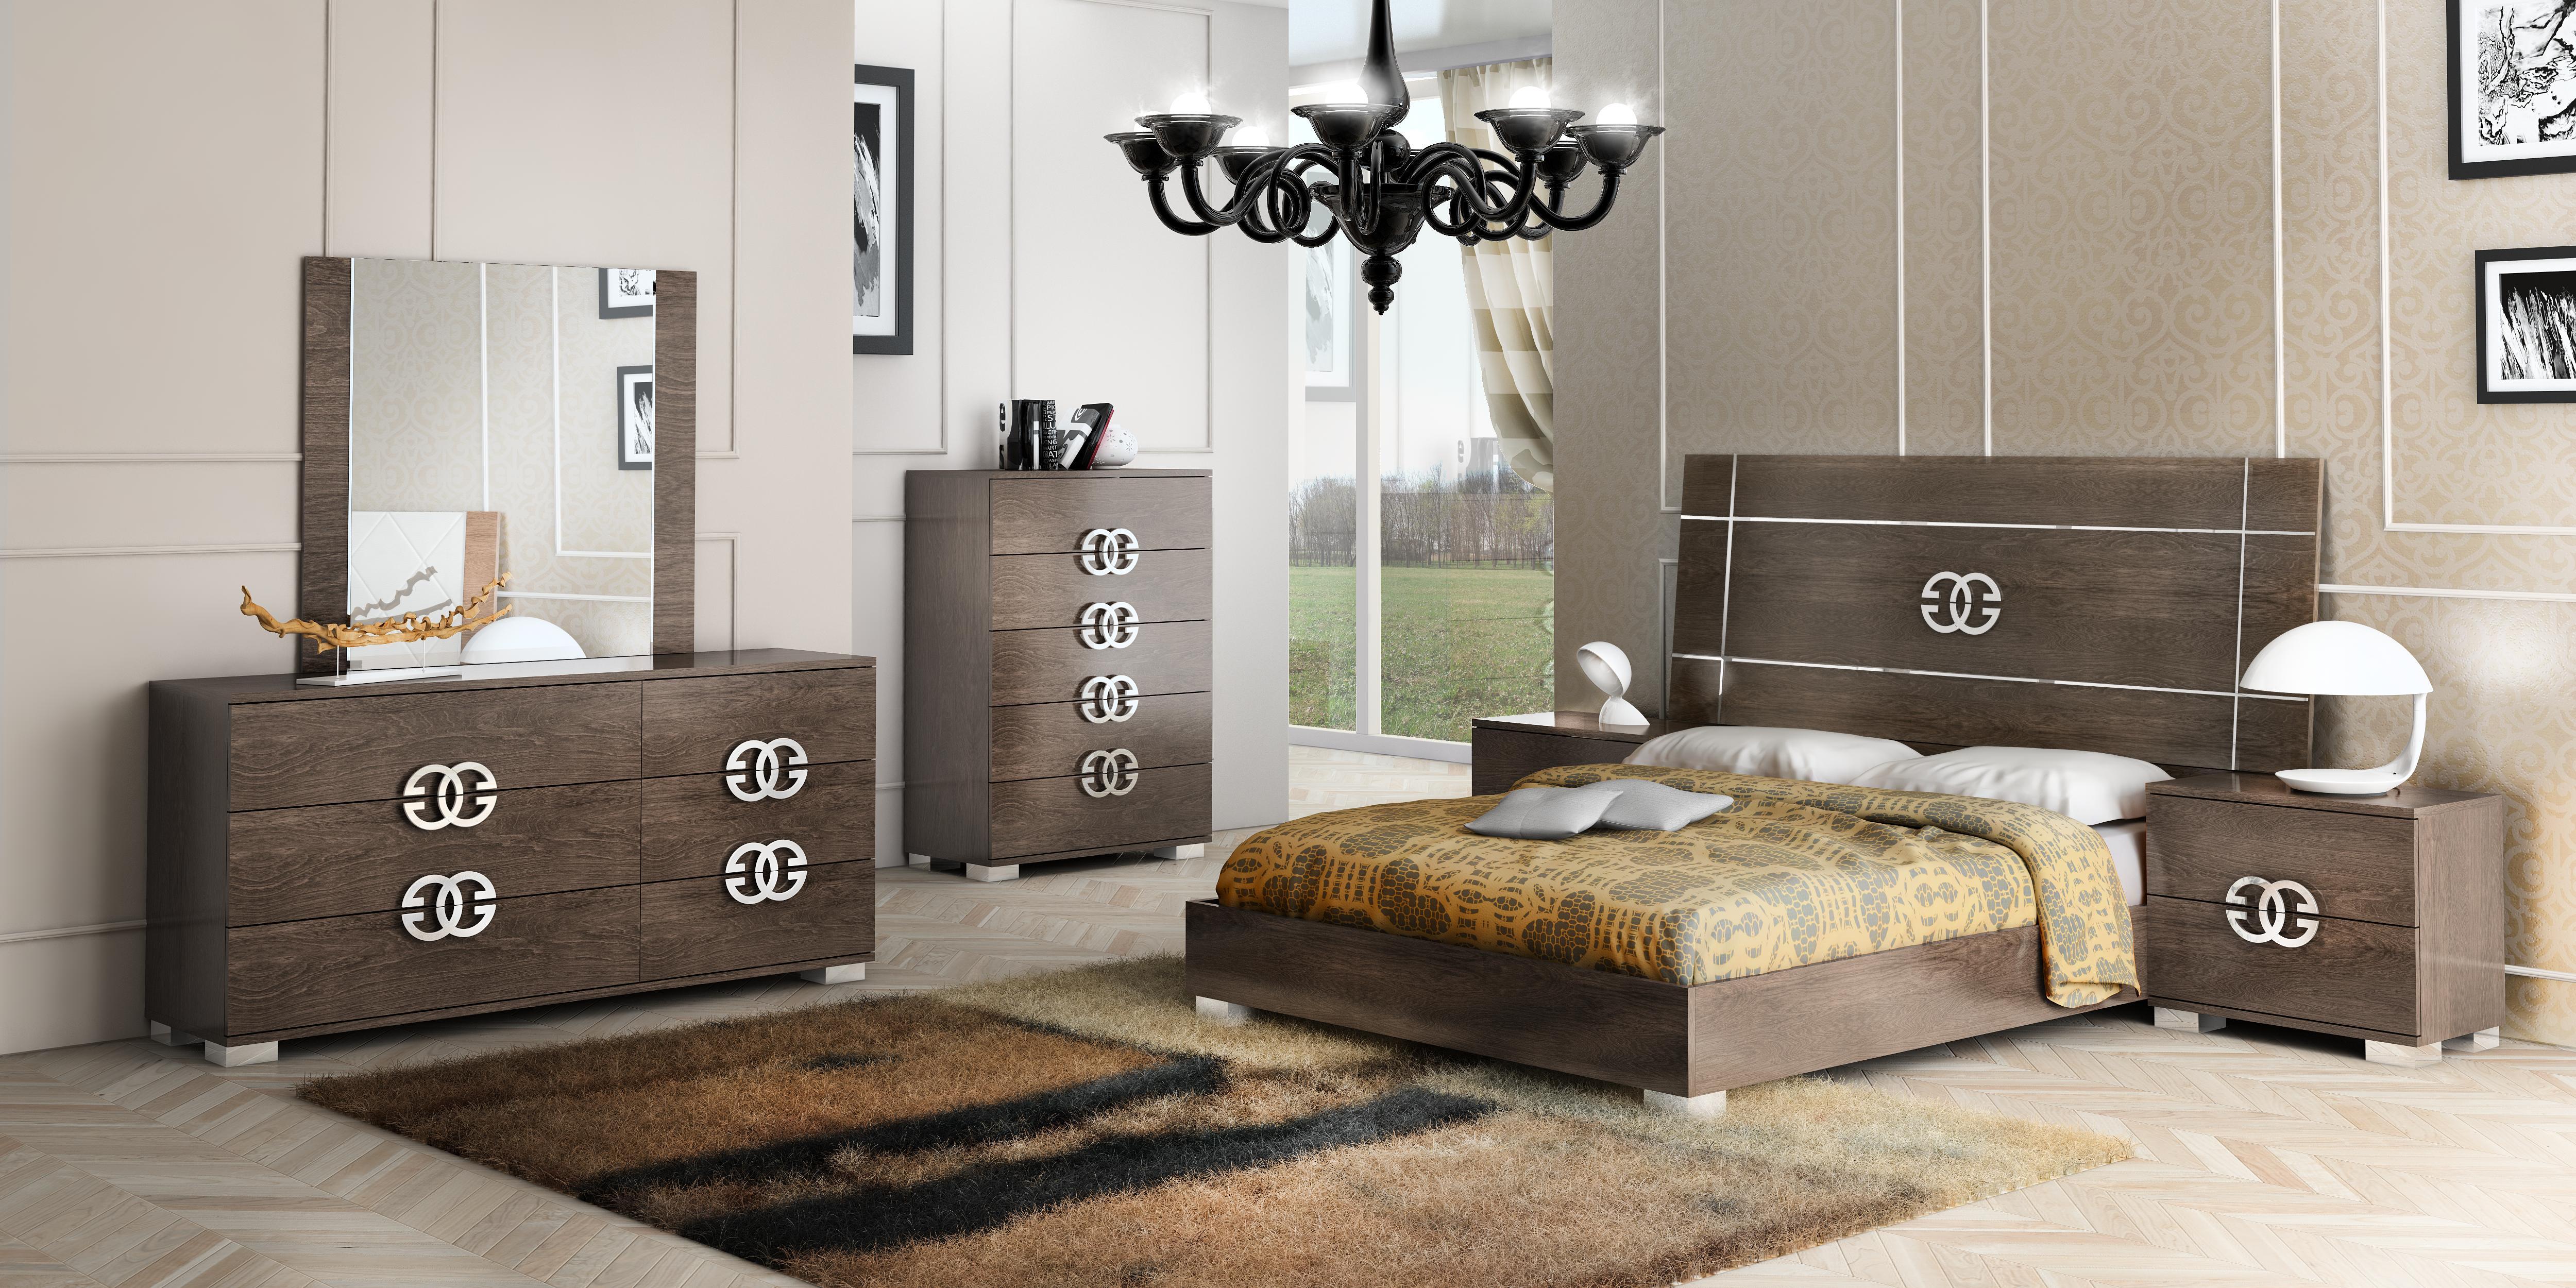 træ-seng-storage-bænk-design-møbler-idé-køje-senge-sektionsopdelte-sofaer-seng-kommode-bed-frames-platform-bed-gavle